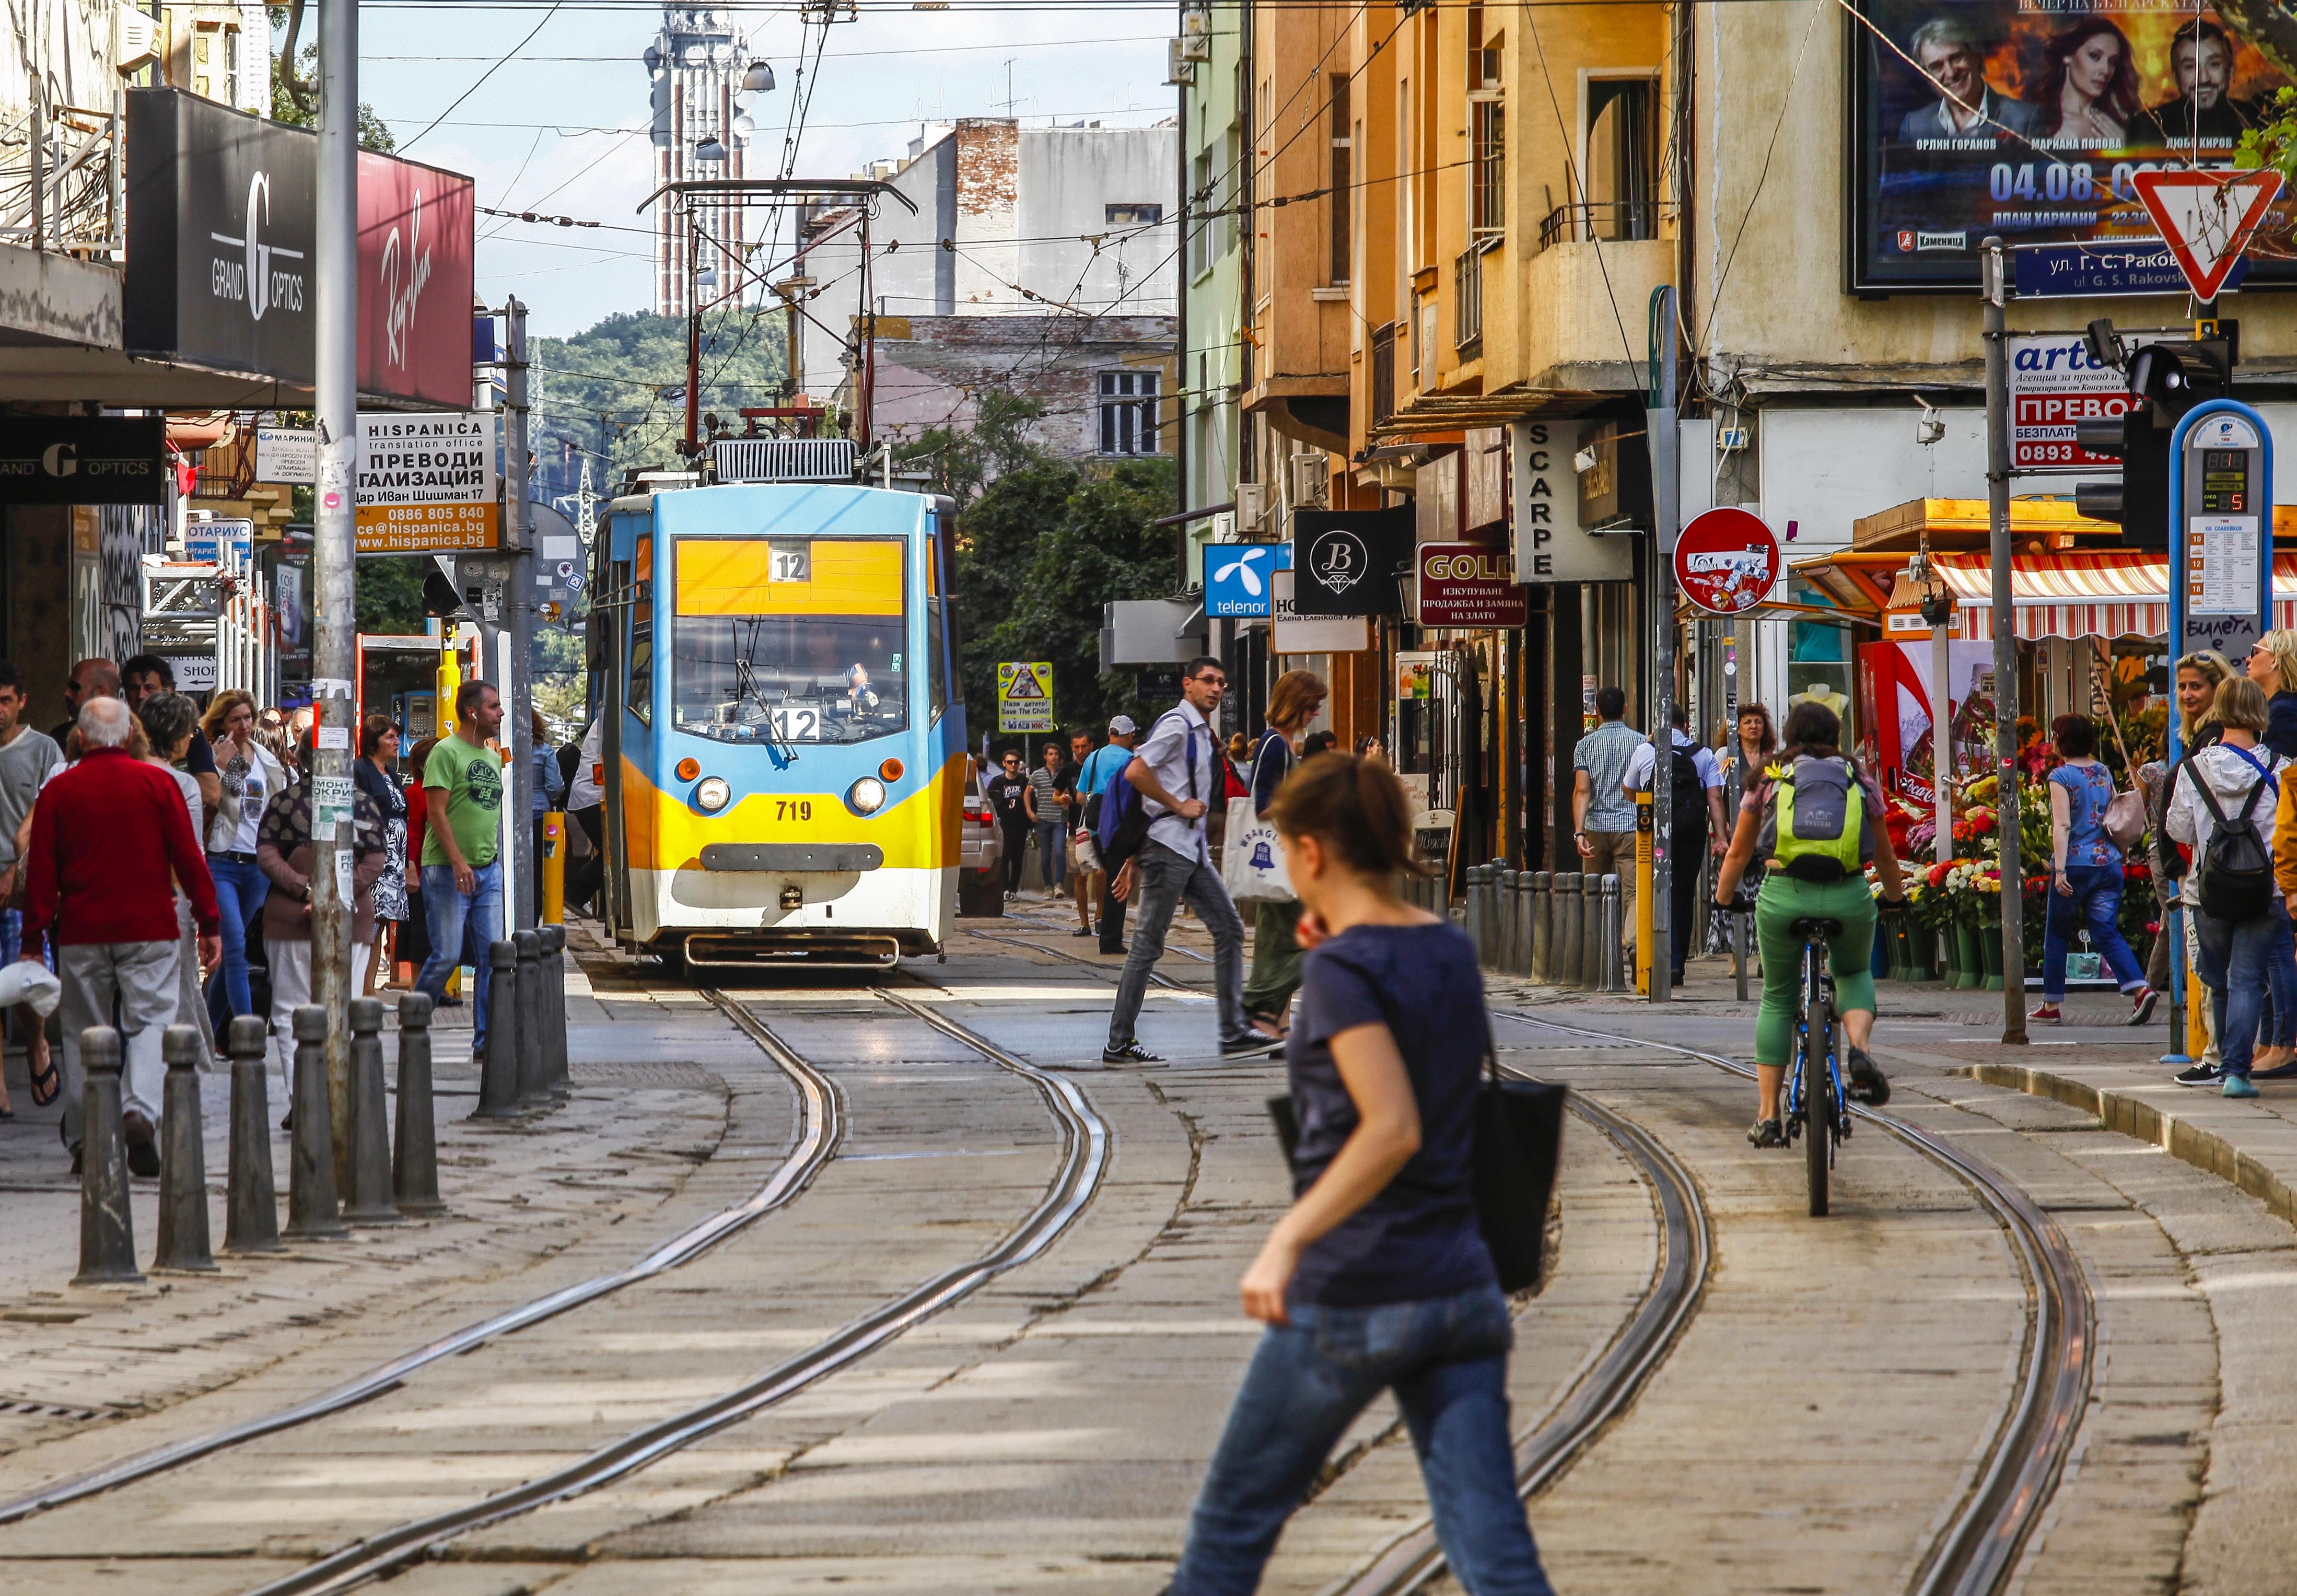 Реклама, бизнес и облик на града